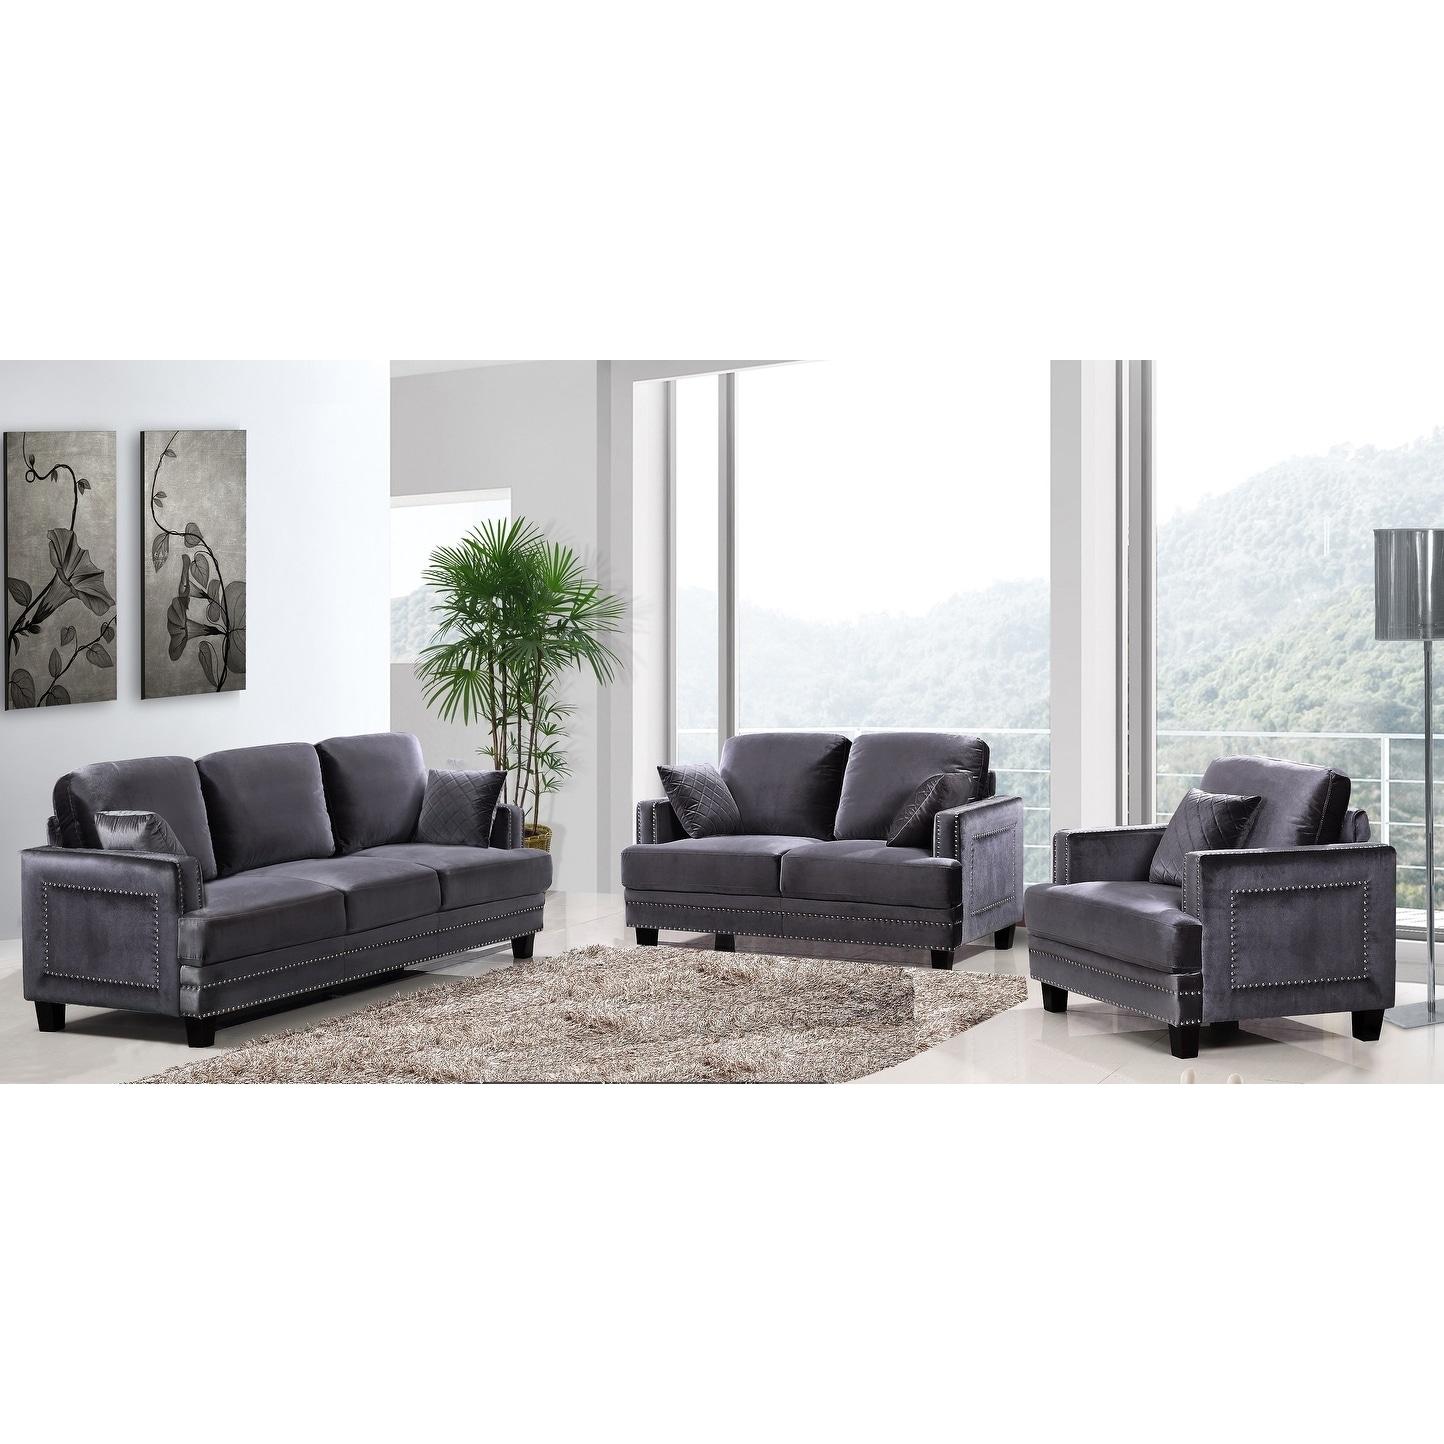 Ferrara grey velvet nailhead living room set